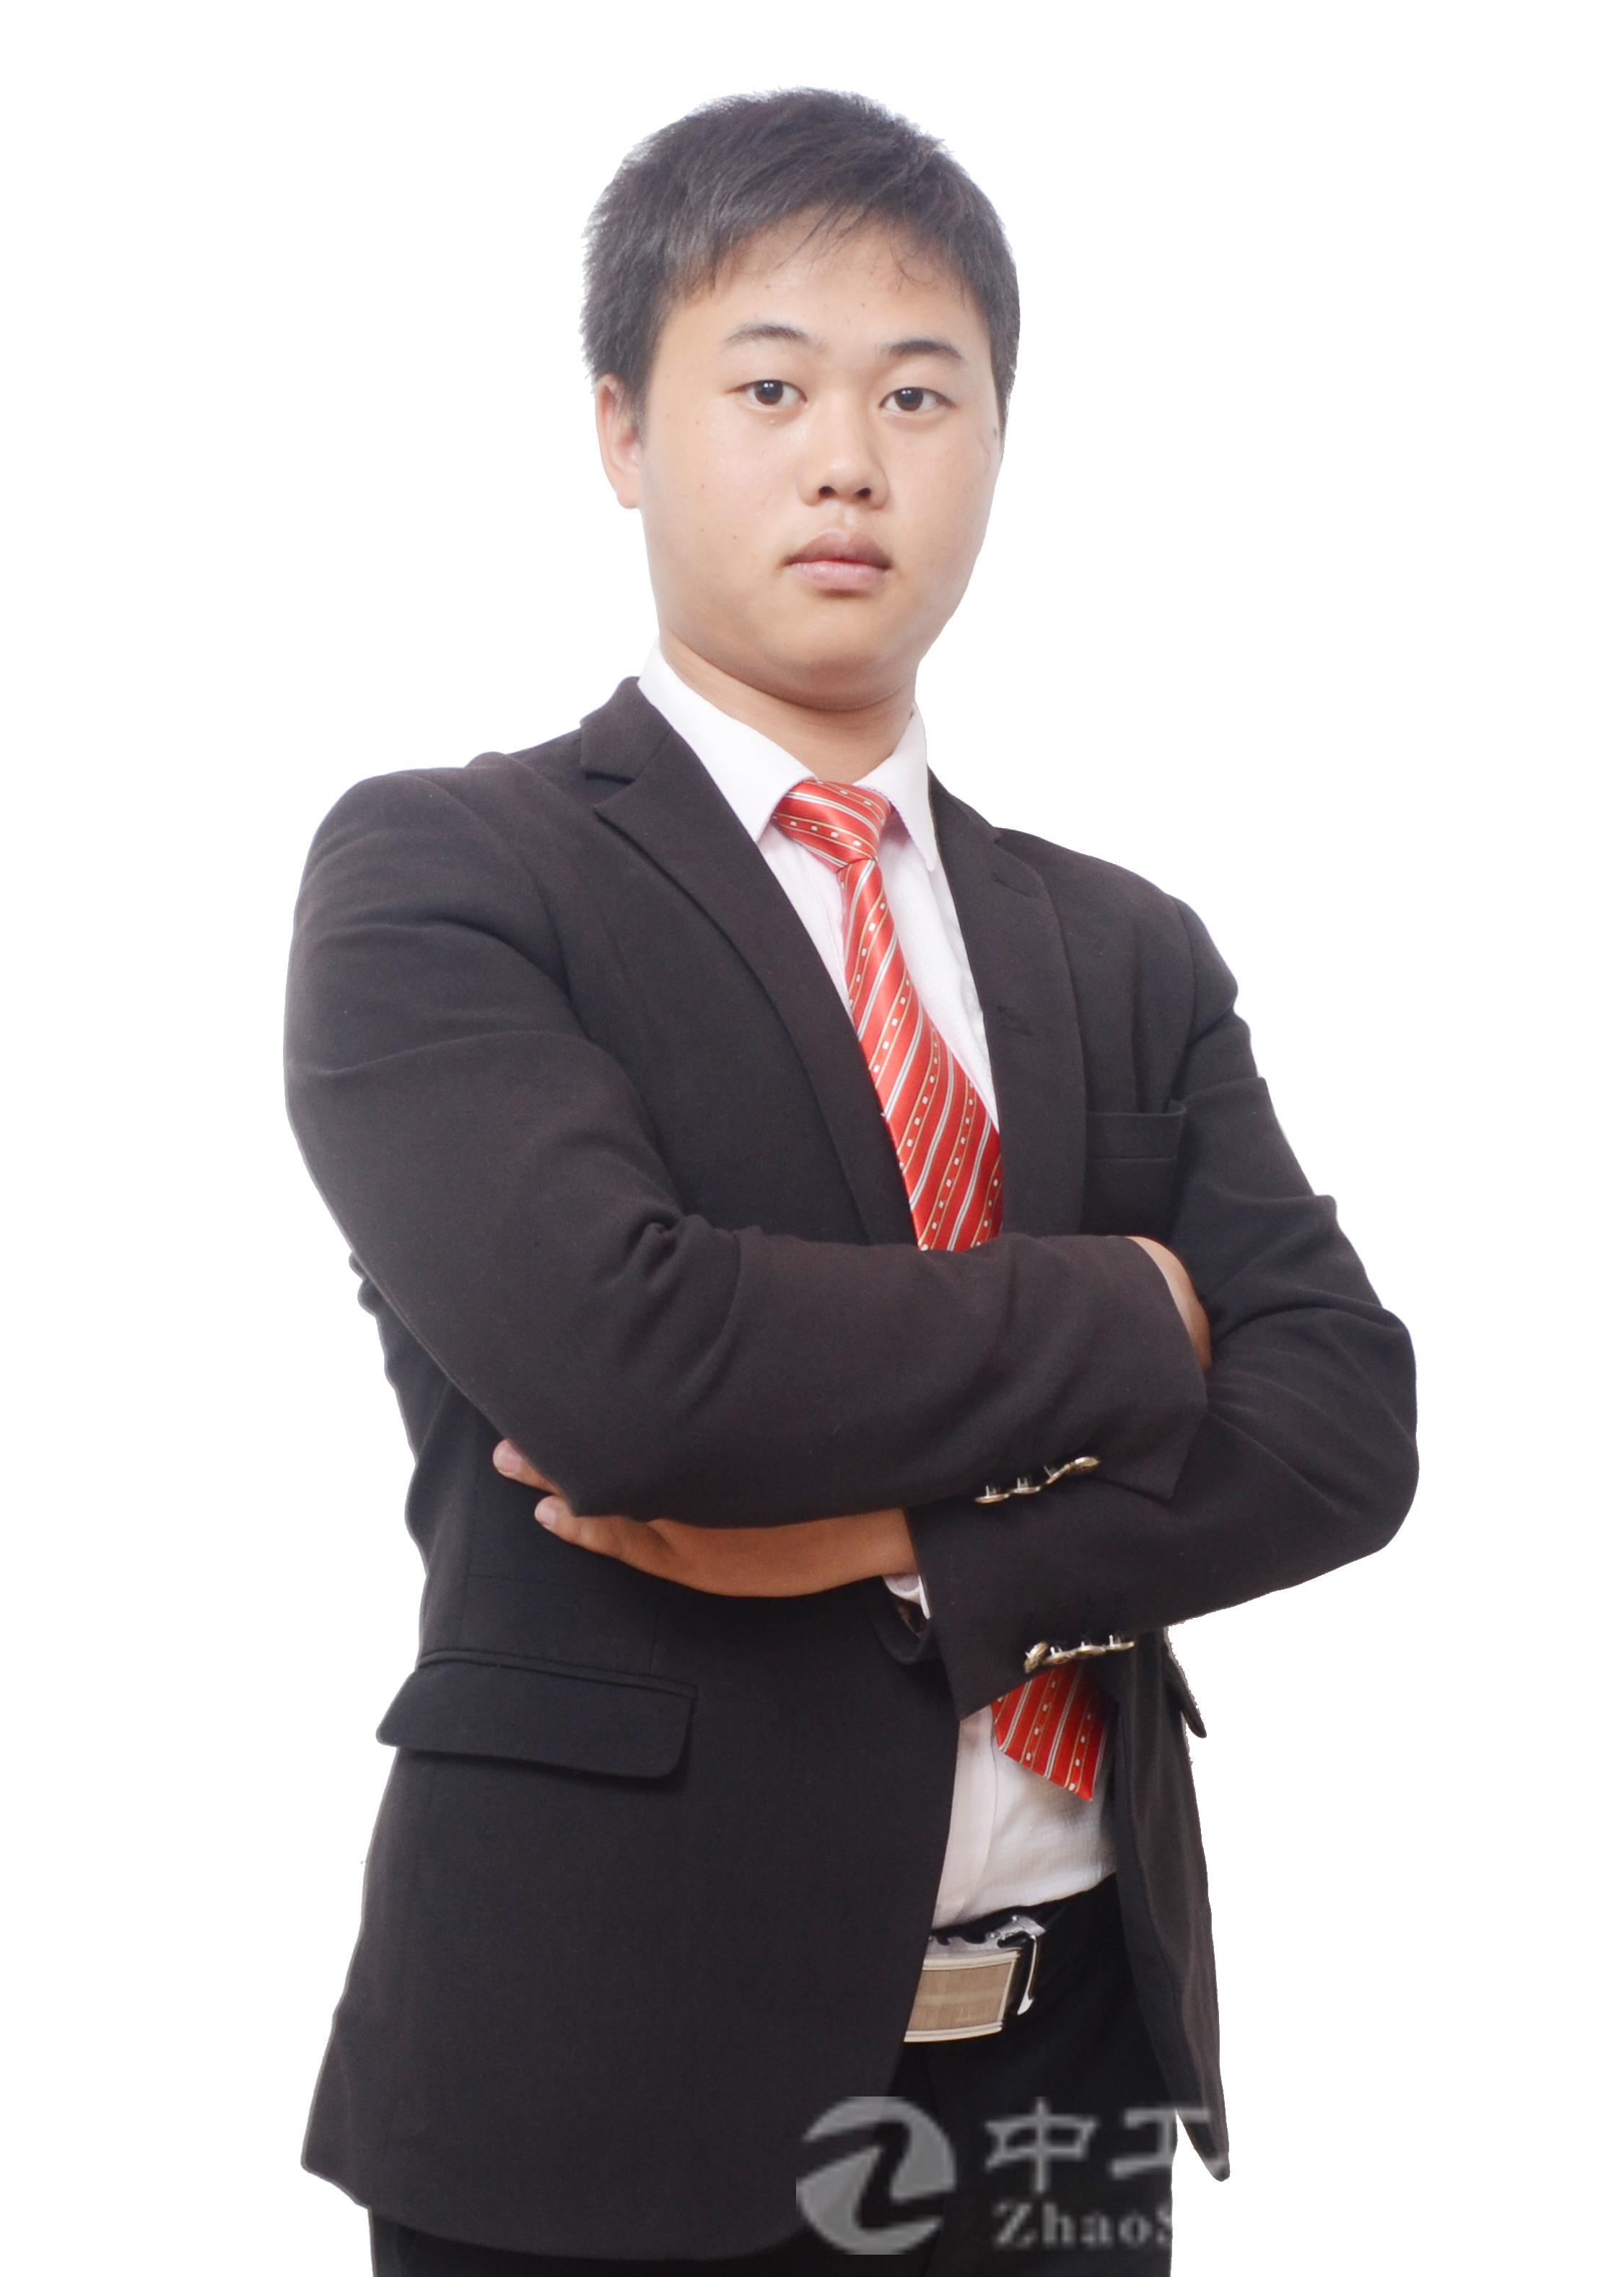 厂房经纪人谢杰峰